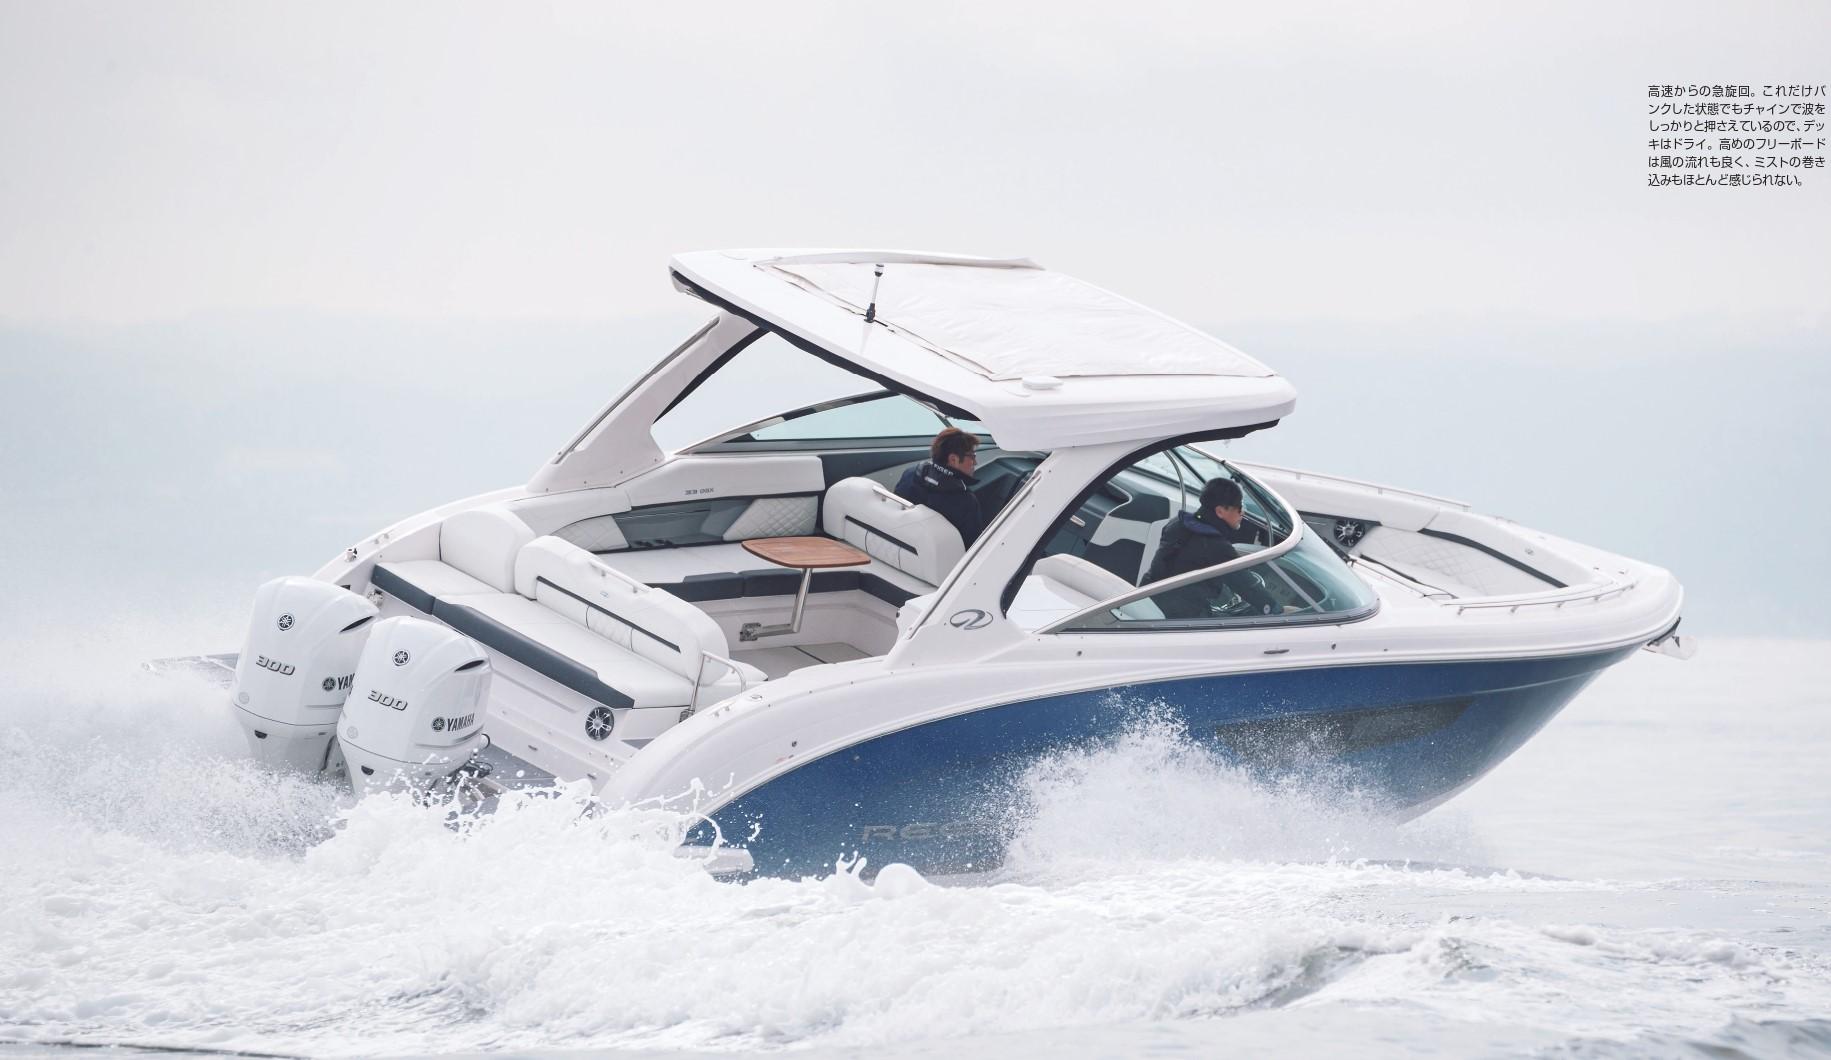 高速からの急旋回。これだけバンクした状態でもインで波をしっかりと押さえているので、プッキはドライ。高めのフローボードは風の流れも良く、ミストの巻き込みもほとんど感じられない。